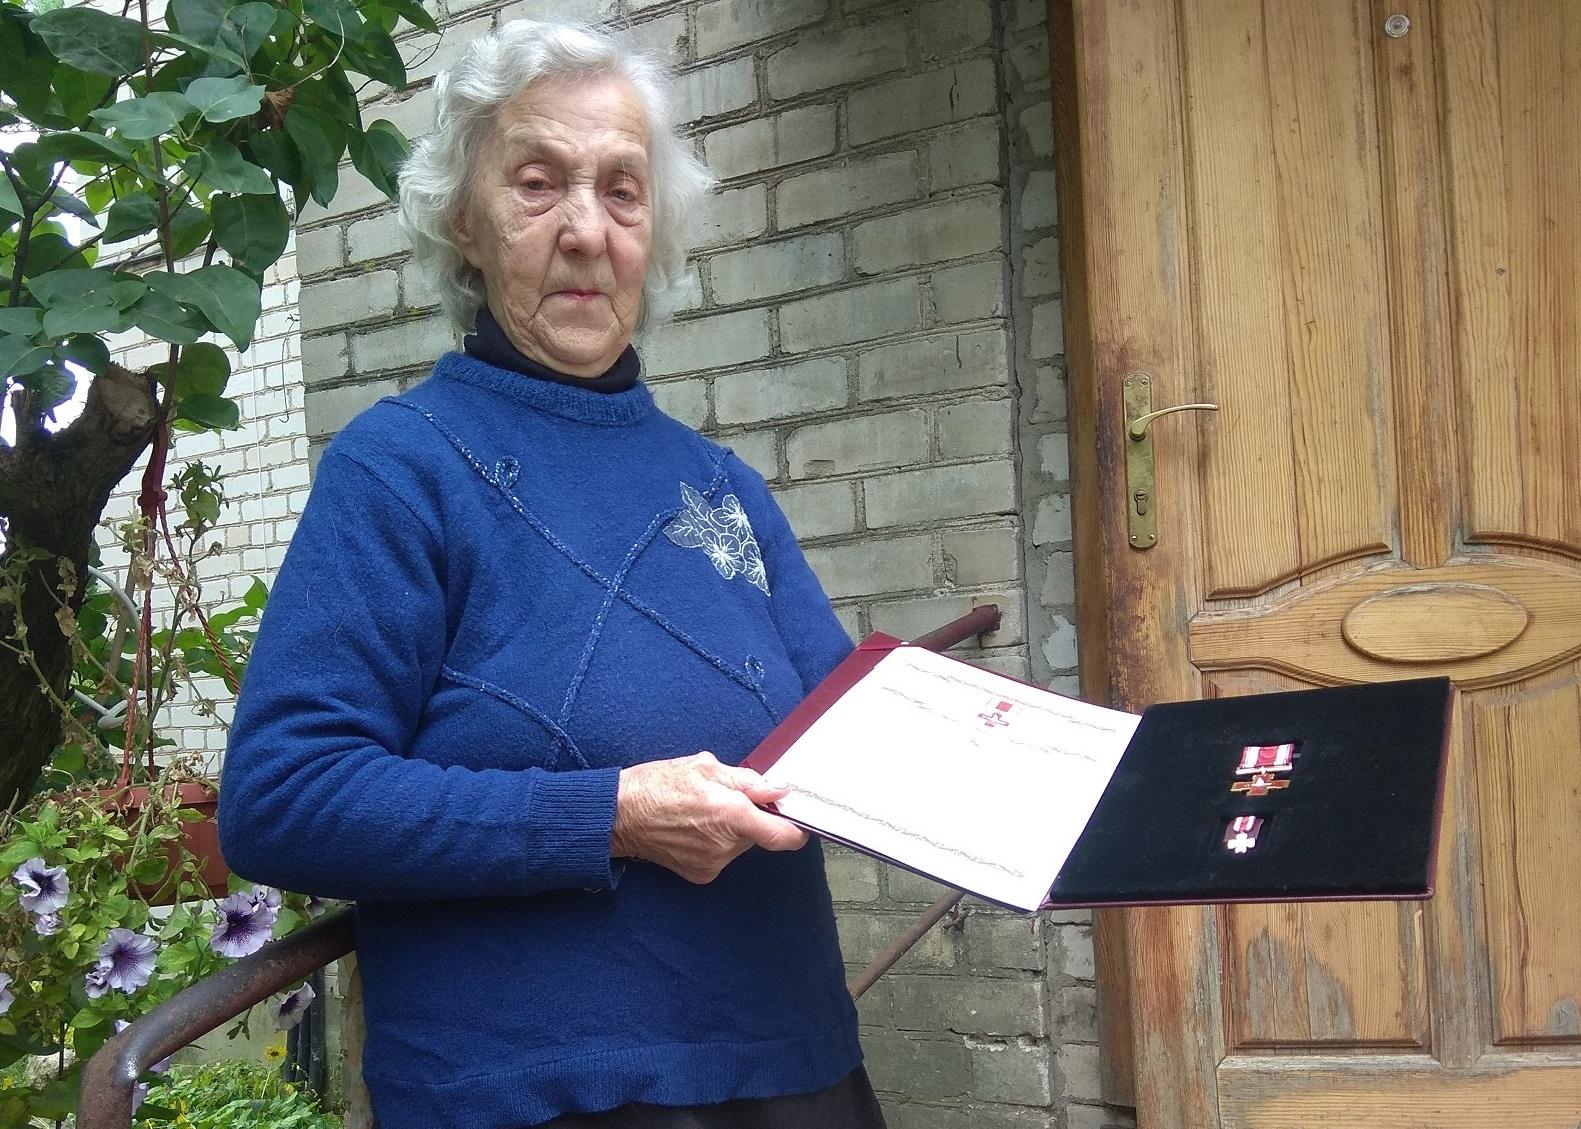 Moteris neslėpė, jog iki šiol negali pamiršti įspūdingos apdovanojimo šventės ir suskubo pasidžiaugti jai įteiktu Žūvančiųjų gelbėjimo kryžiumi./ Dimitrijaus Kuprijanovo nuotr.